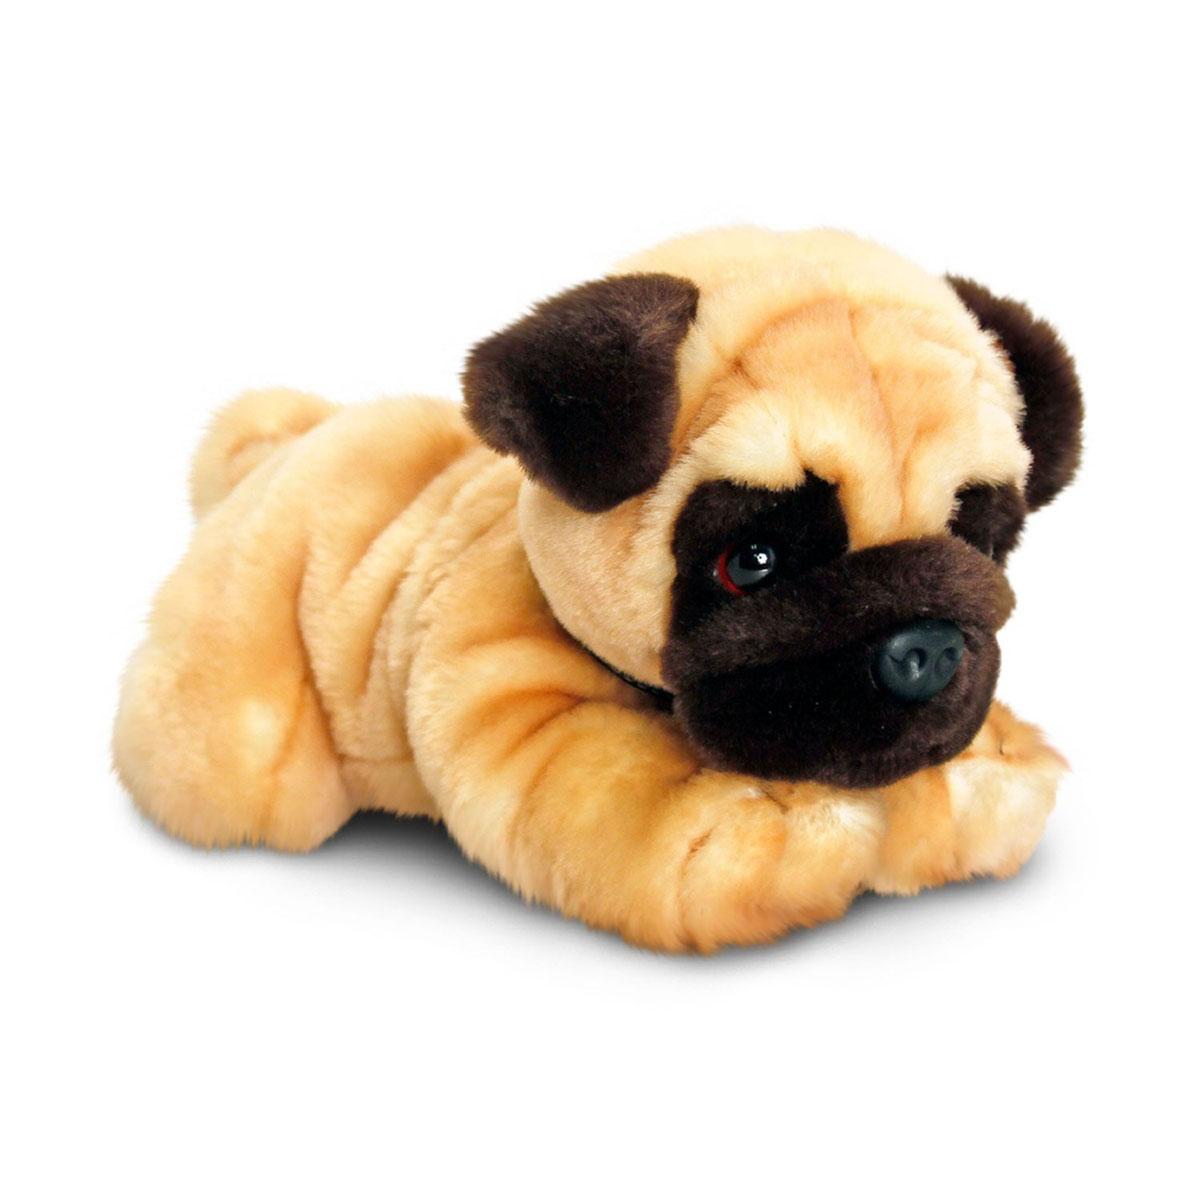 Мягкая игрушка Keel Toys Собака Мопс 30 см от Младенец.ru